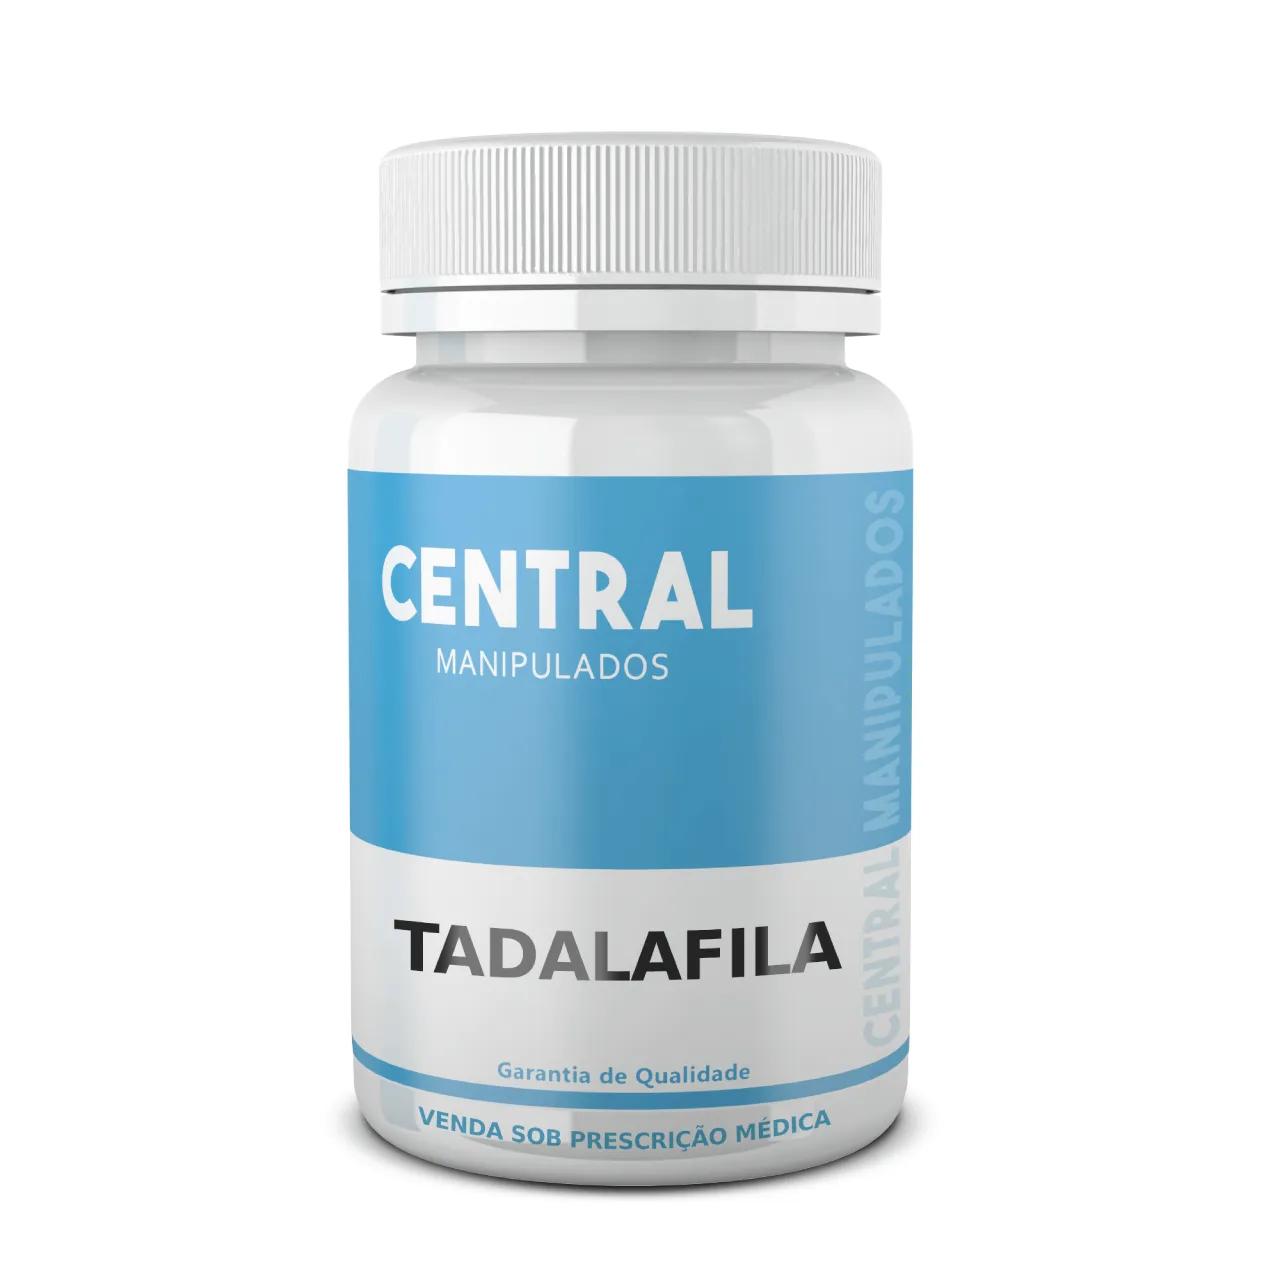 Tadalafila 20mg - 360 cápsulas